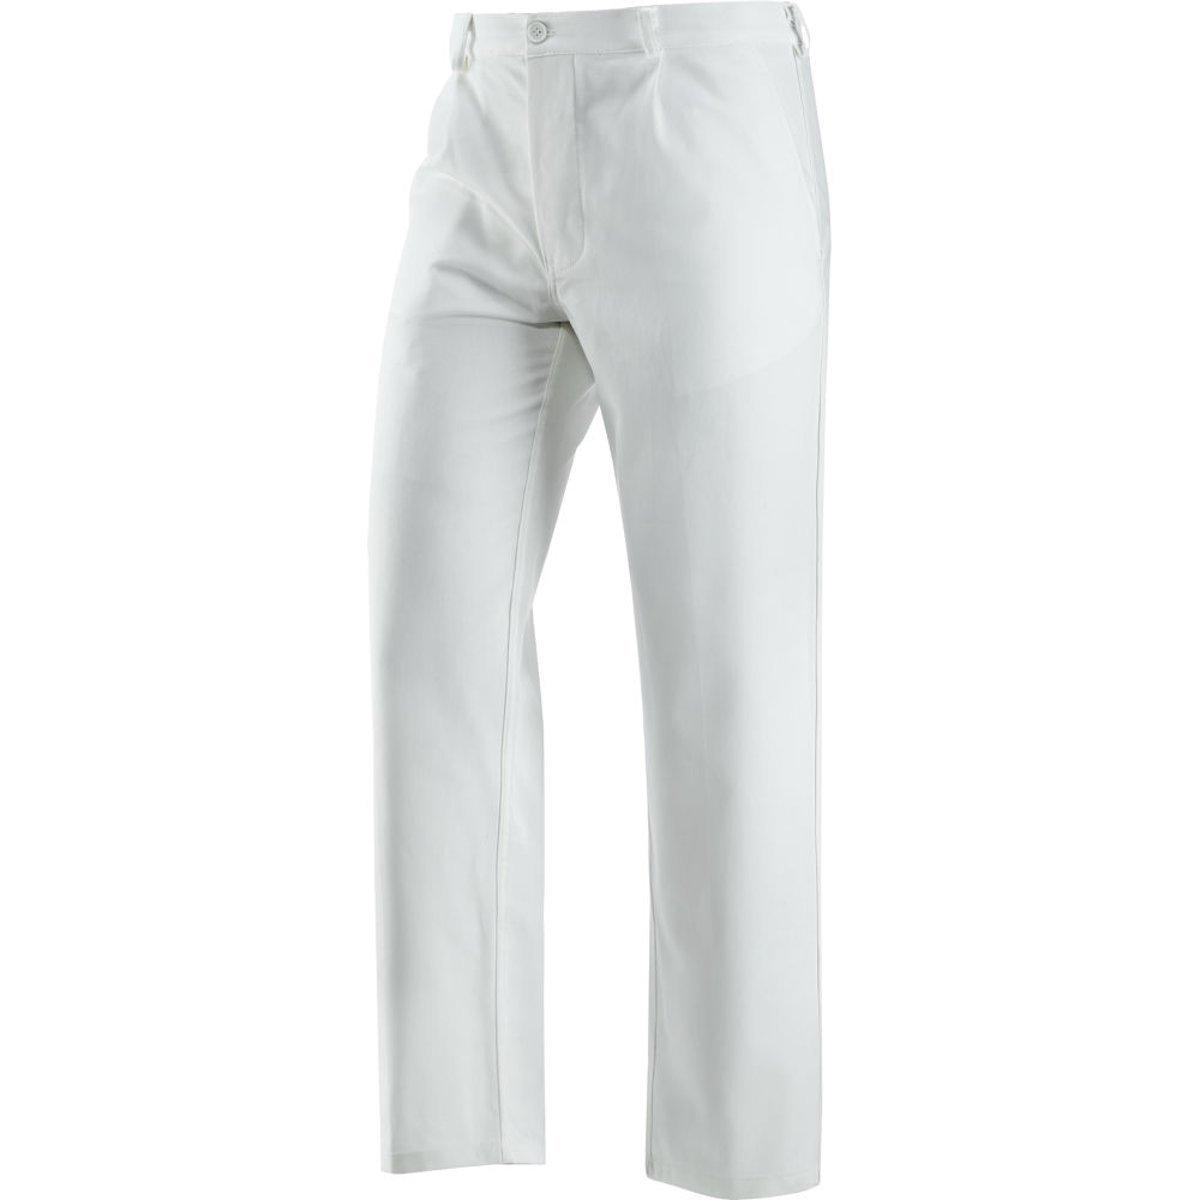 official watch factory authentic Pantalon De Travail Blanche 100% Coton Peintre Plâtrier Plaquiste -  Alimentaire - Blanc, M 42-44